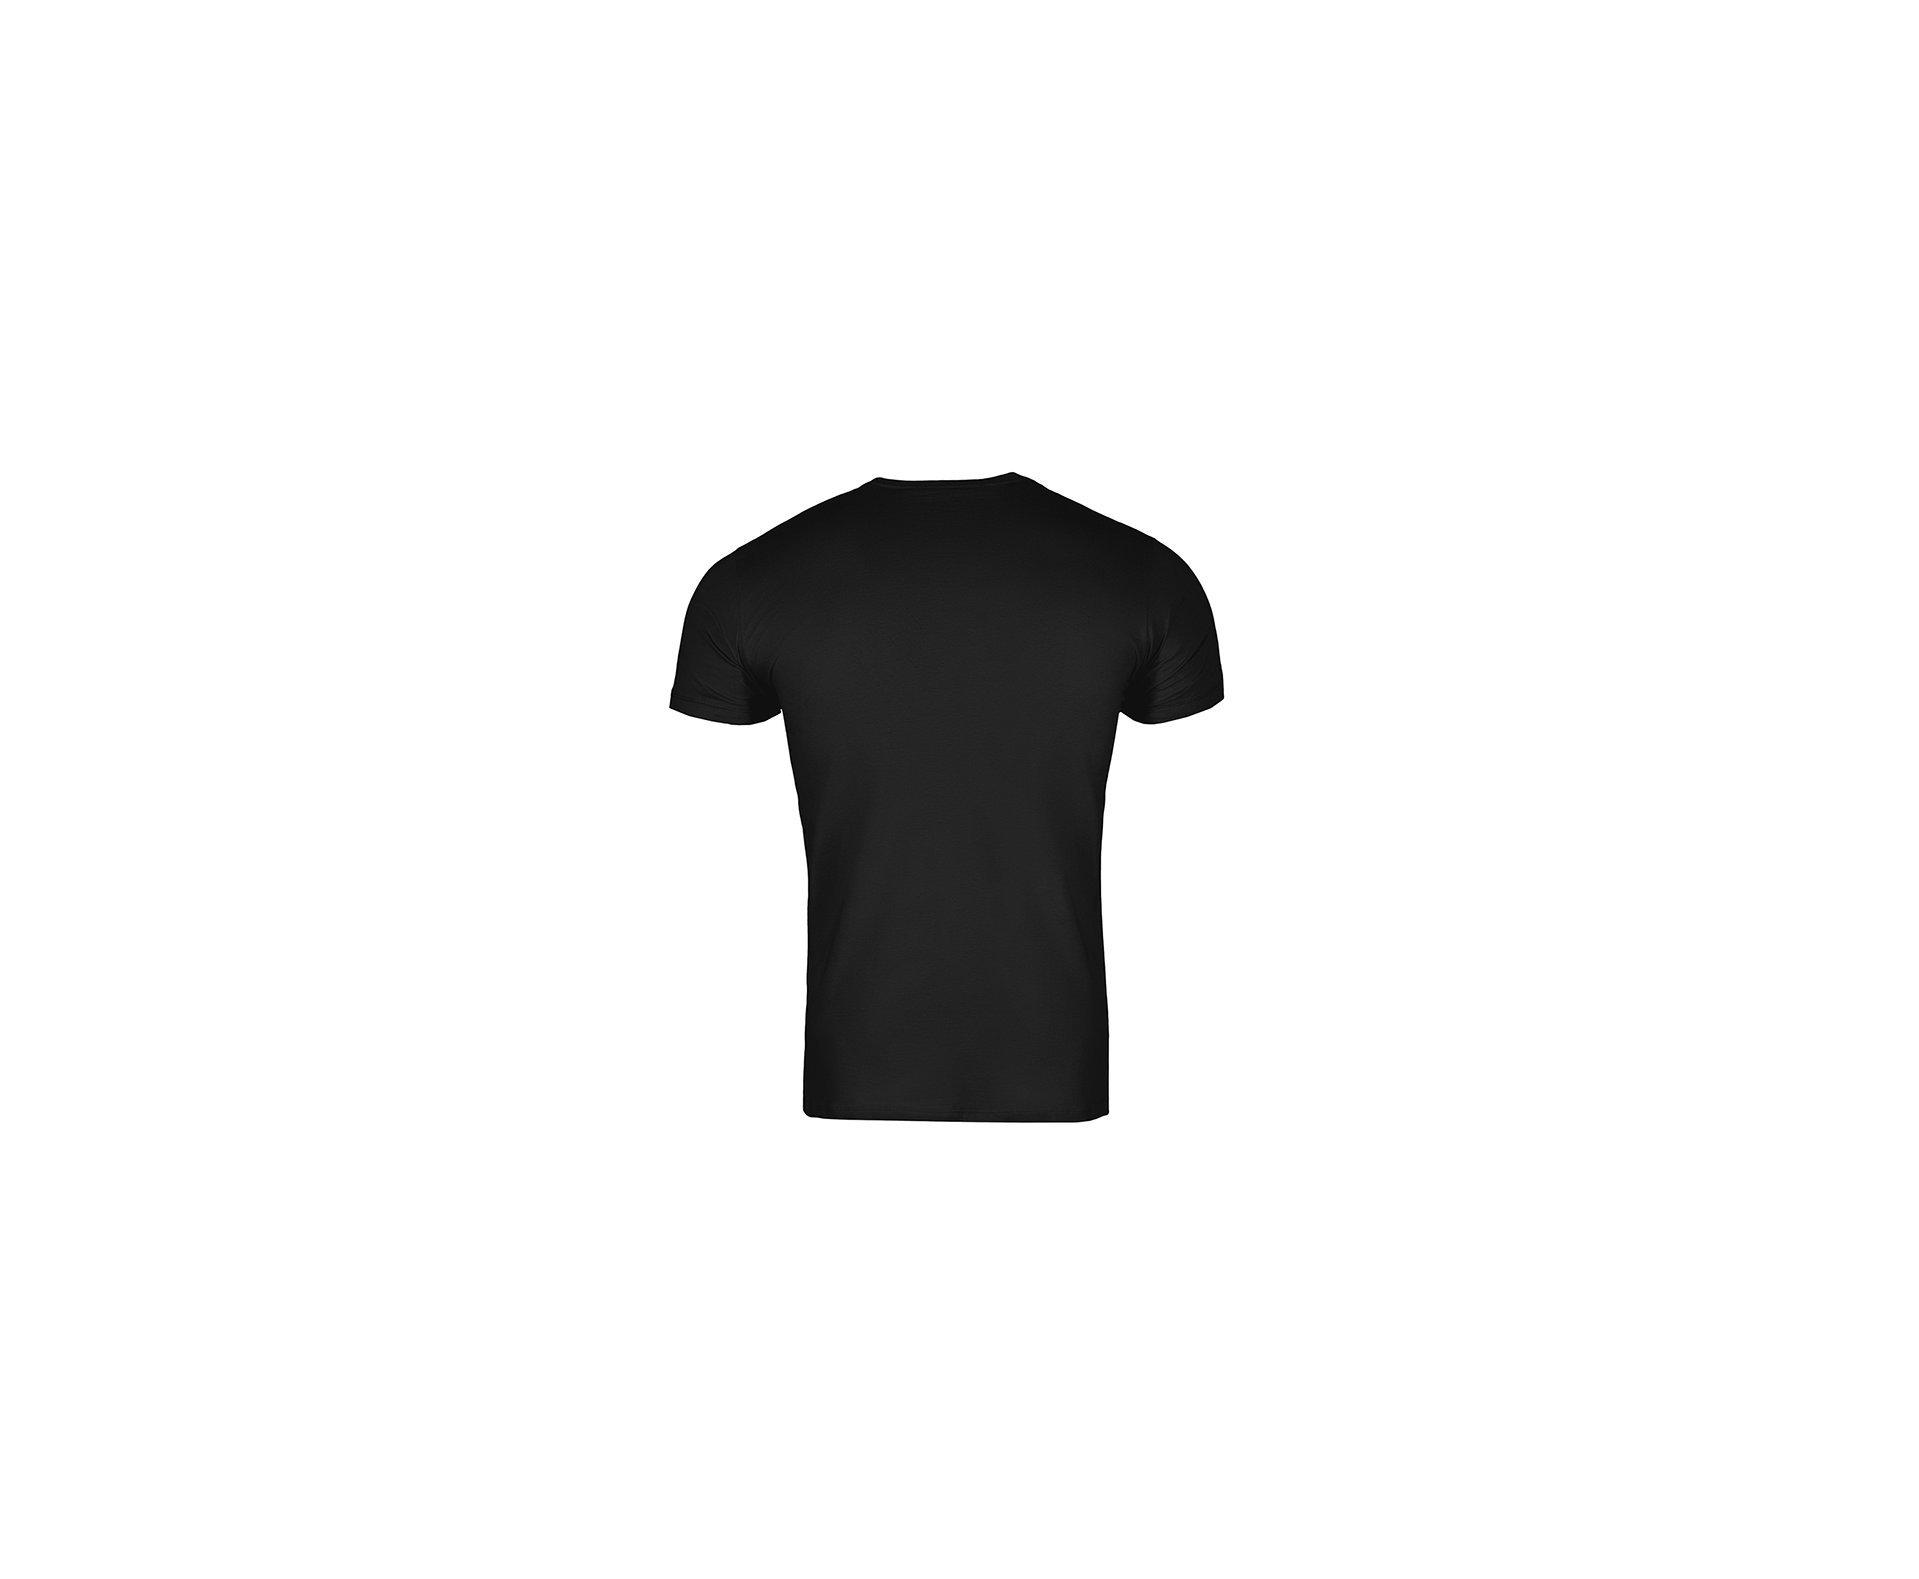 Camiseta T-shirt Invictus Concept Soldier Ii - M